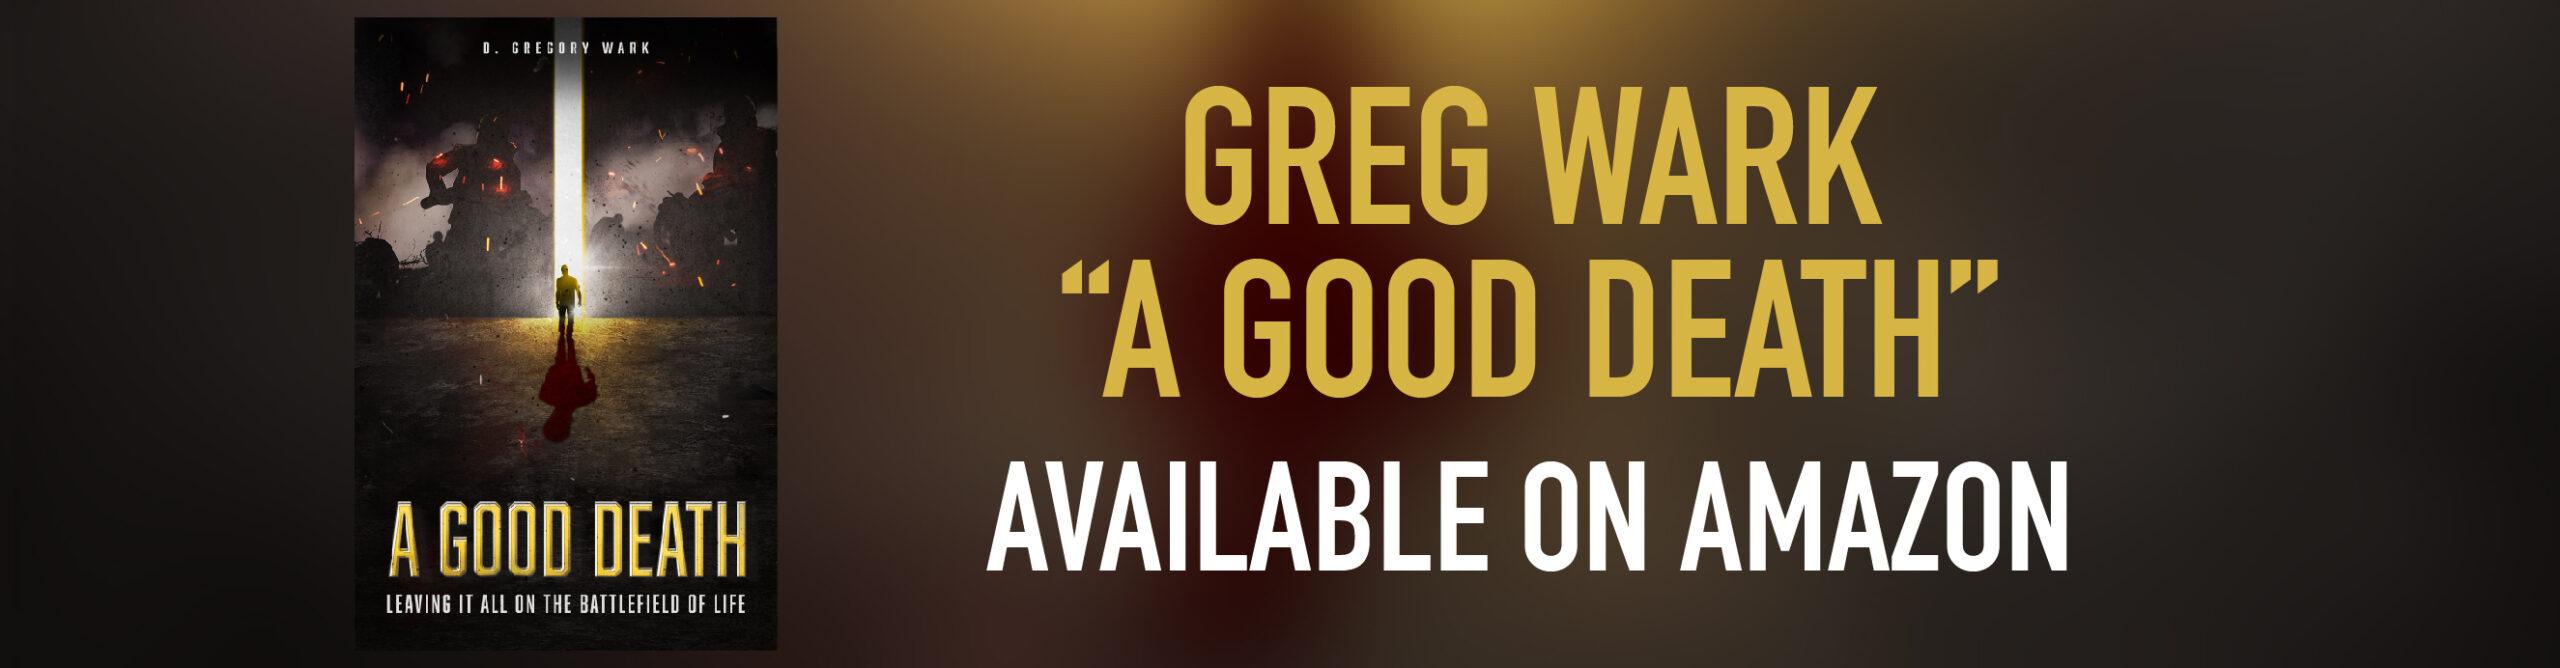 Greg Wark Book Promo